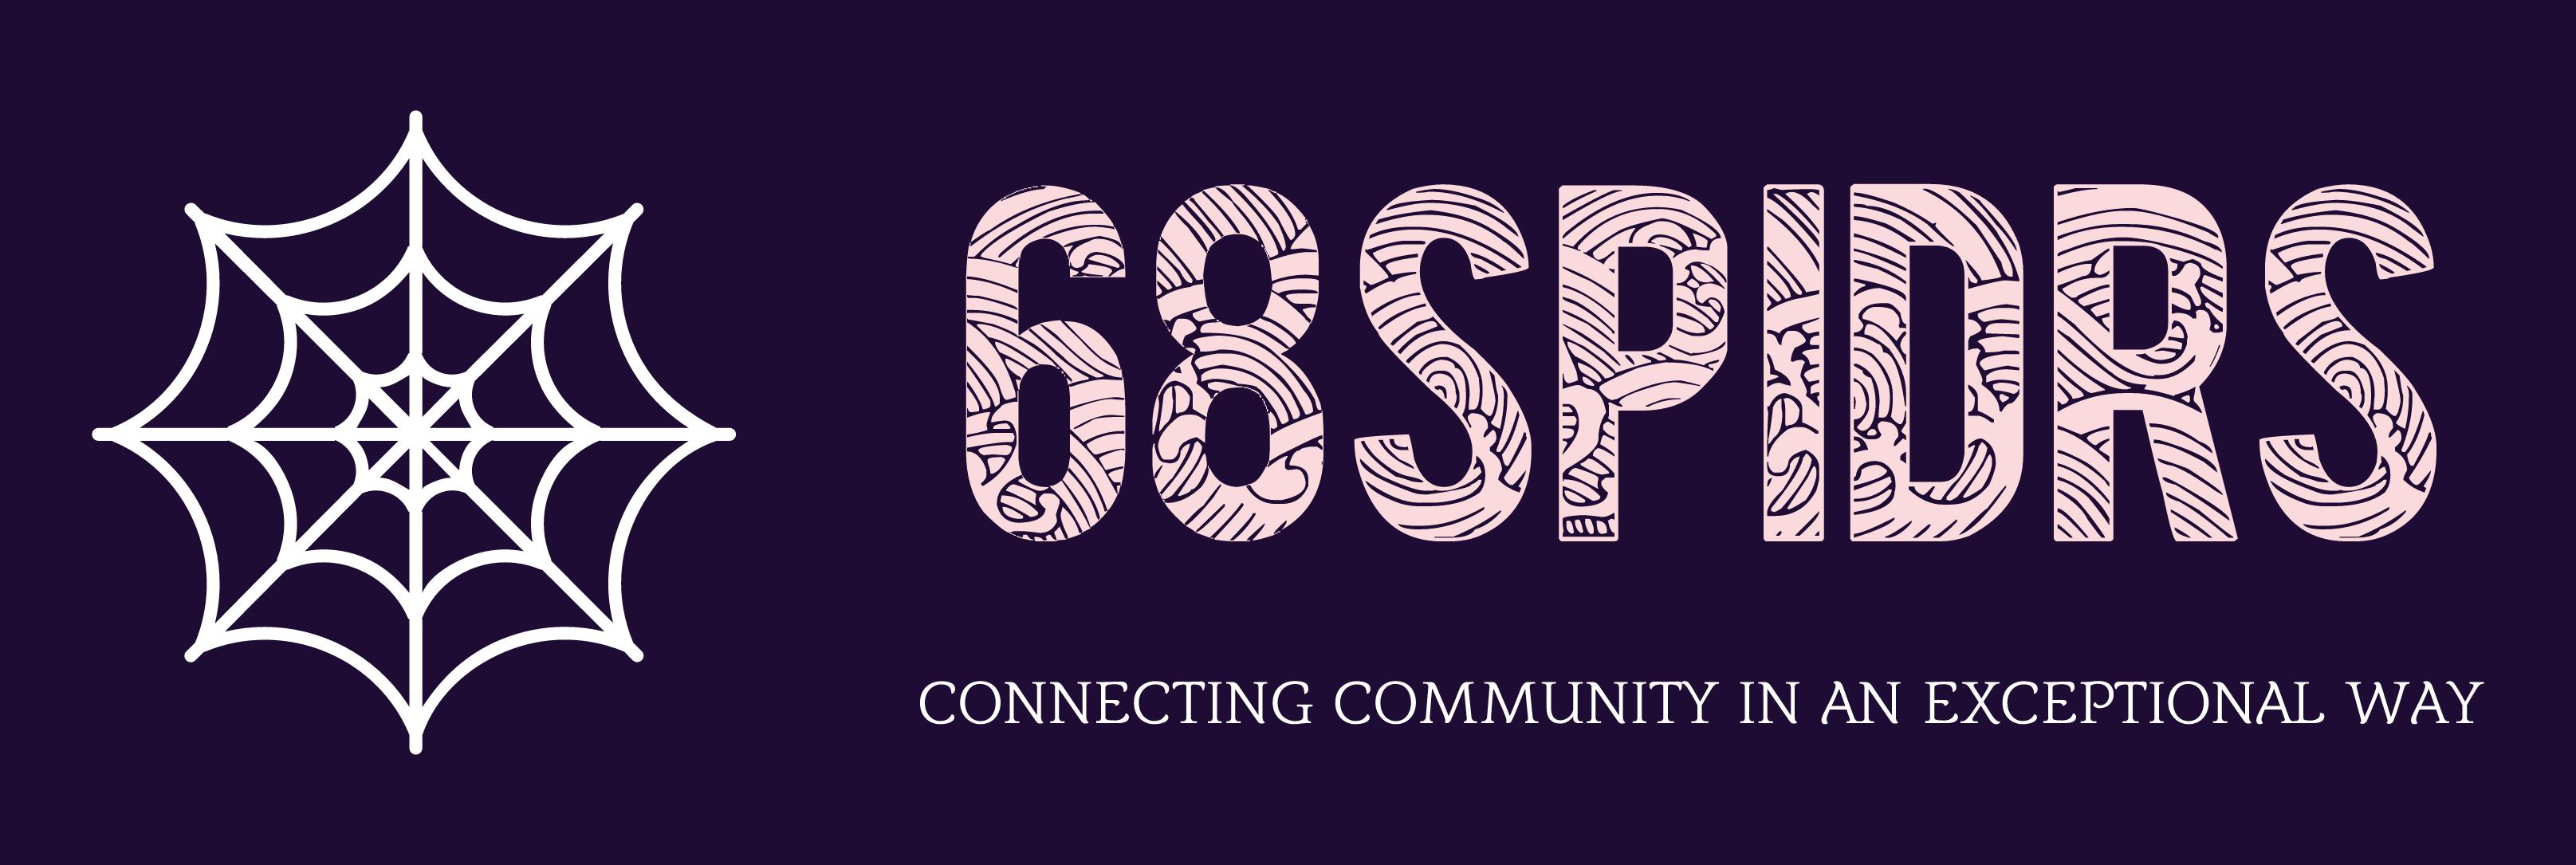 68SPIDRS